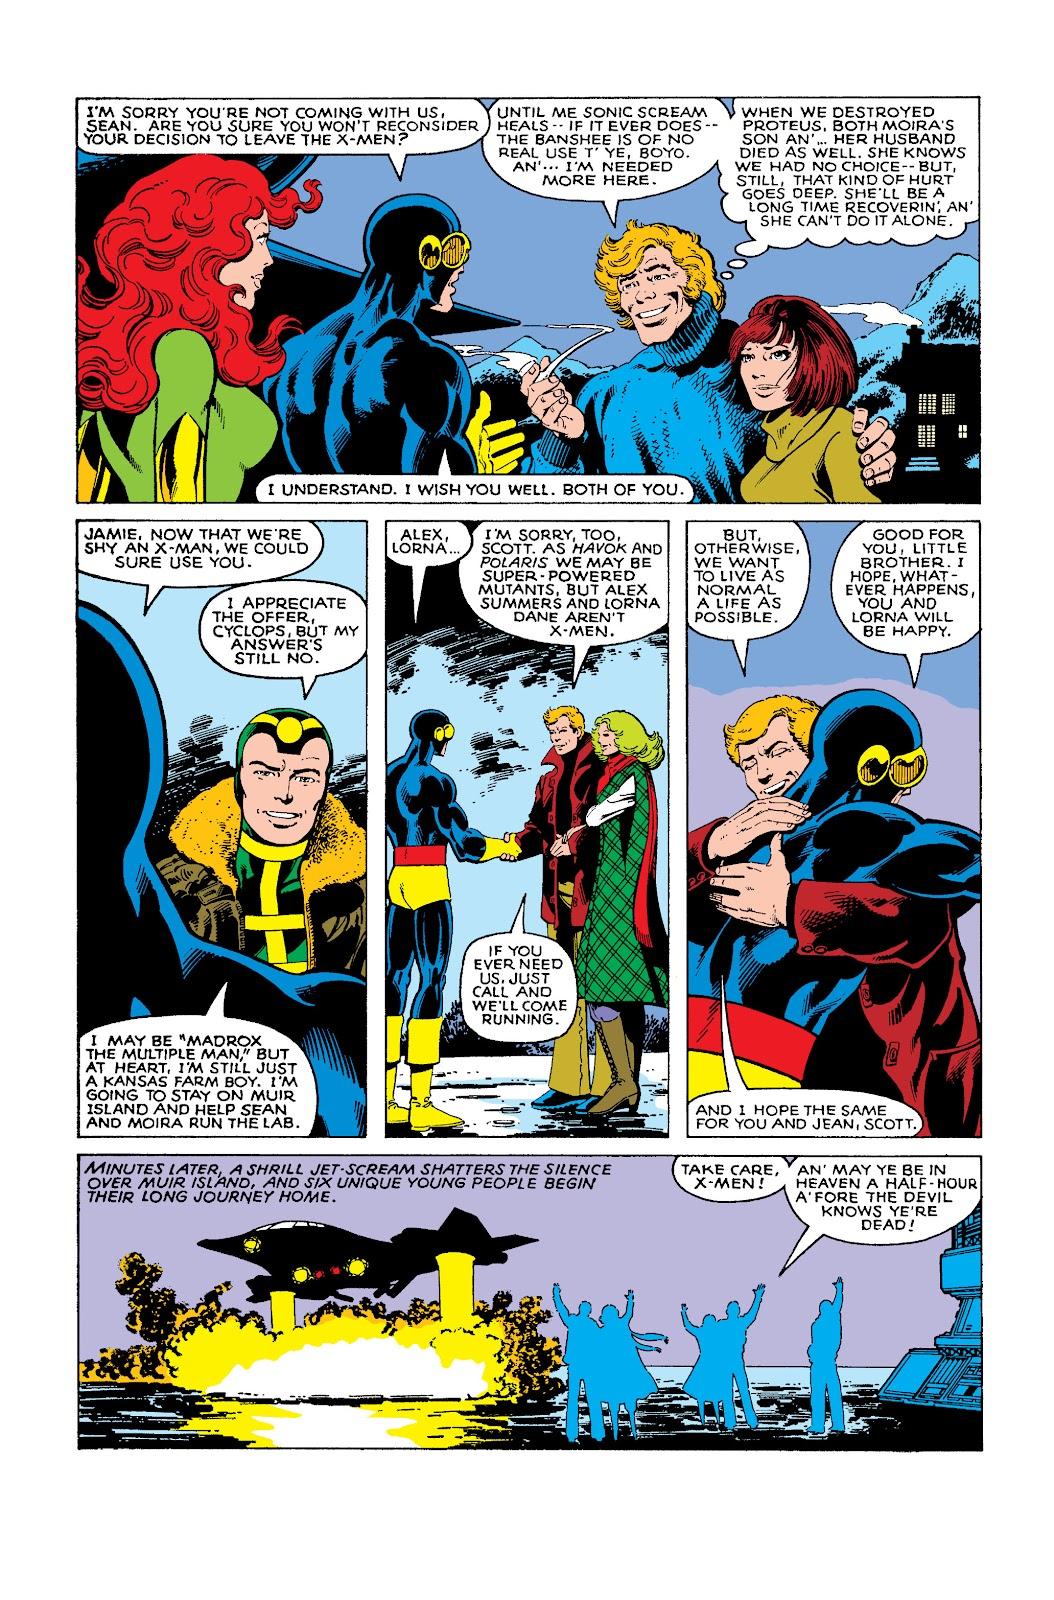 Read online X-Men: The Dark Phoenix Saga comic - Issue # TPB